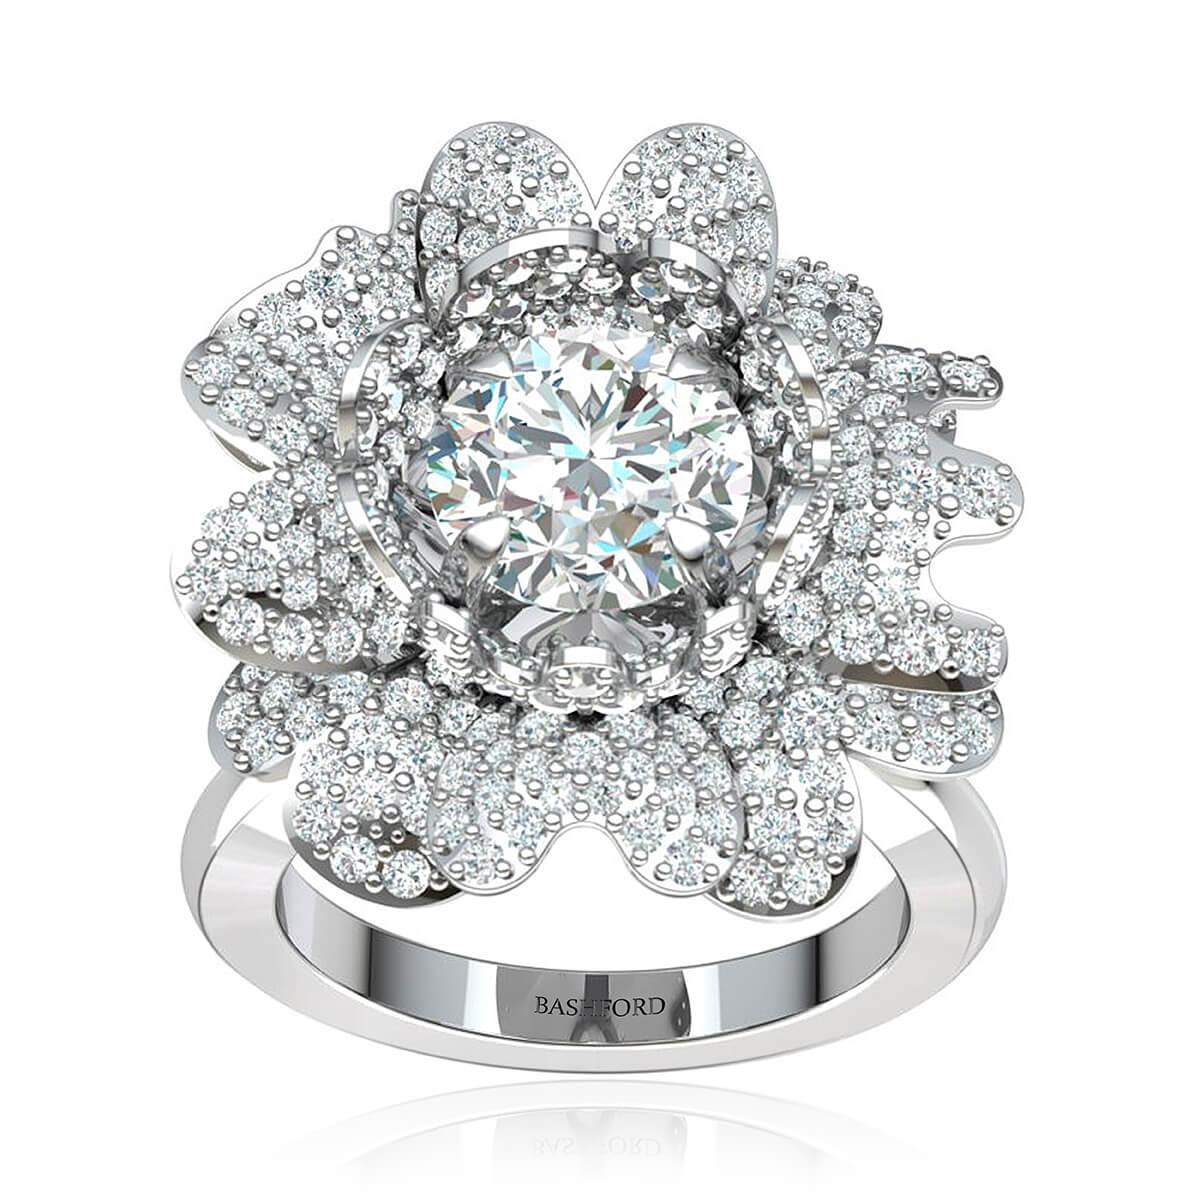 The Daisy Diamond Ring